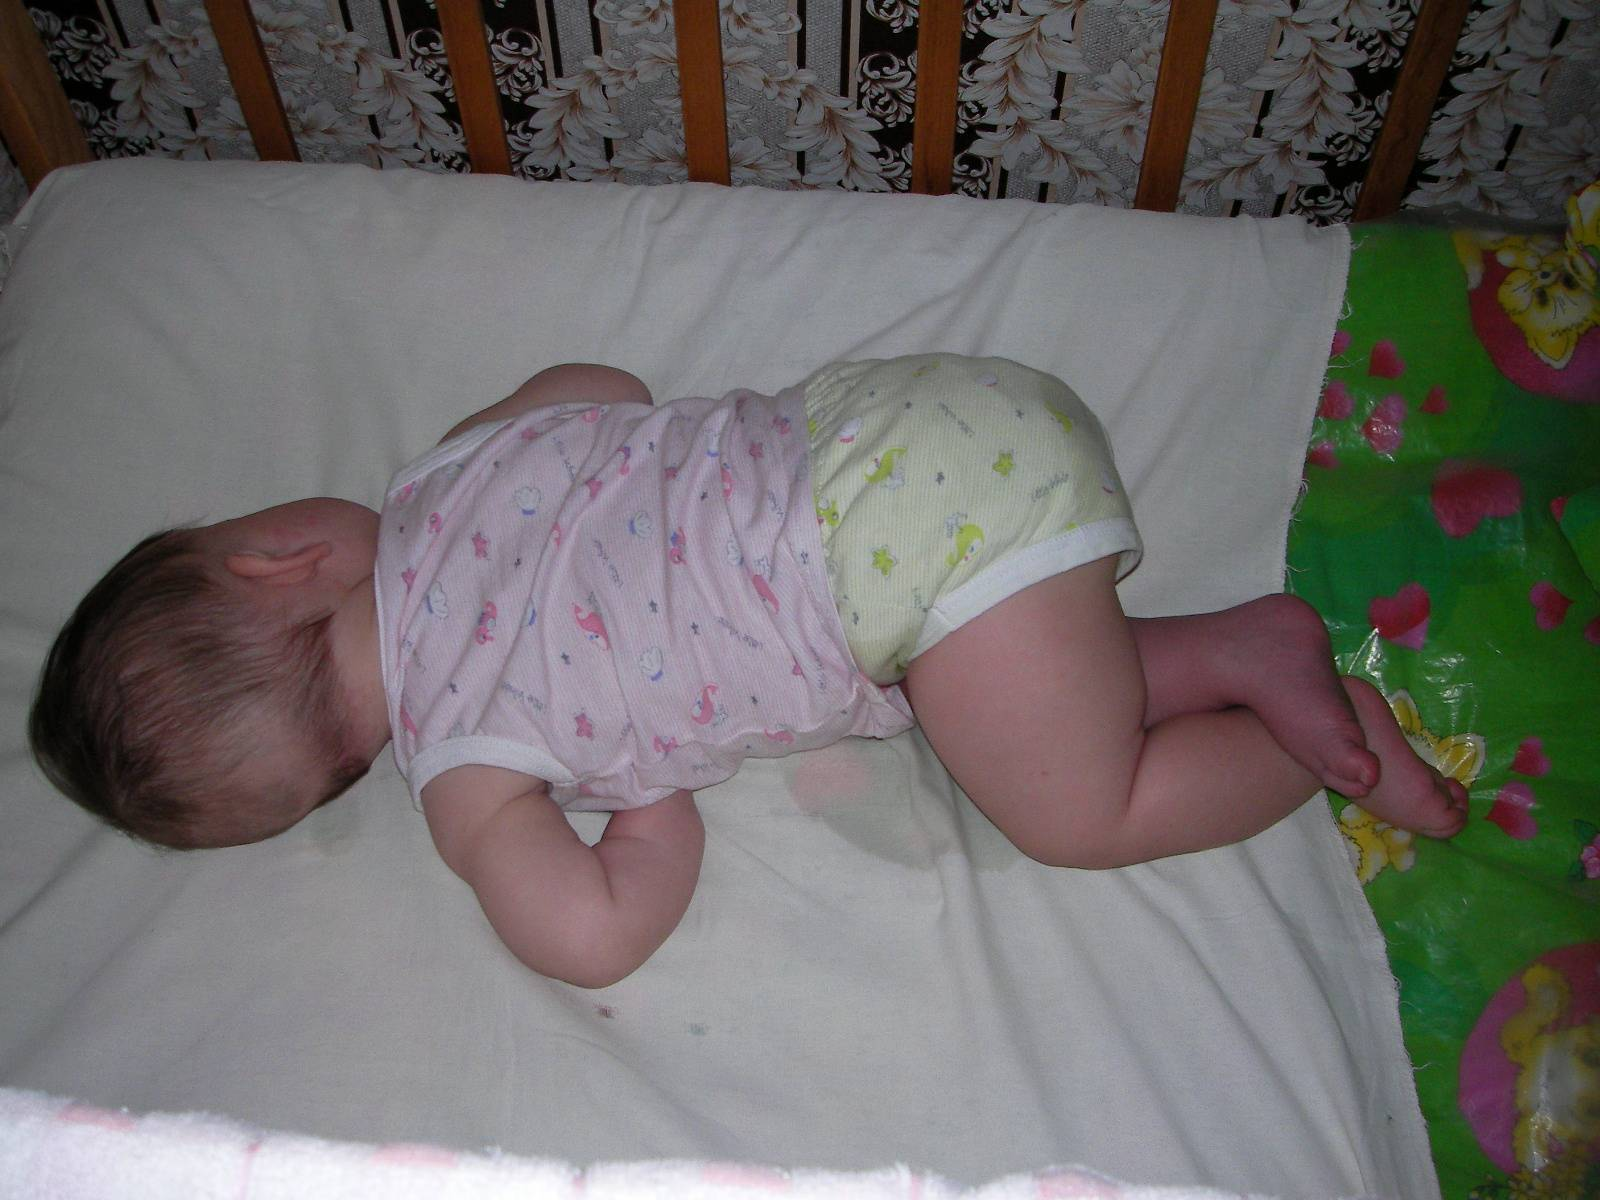 Поза ребёнка во сне кверху попой. как определить по шевелениям: как лежит ребенок в утробе матери